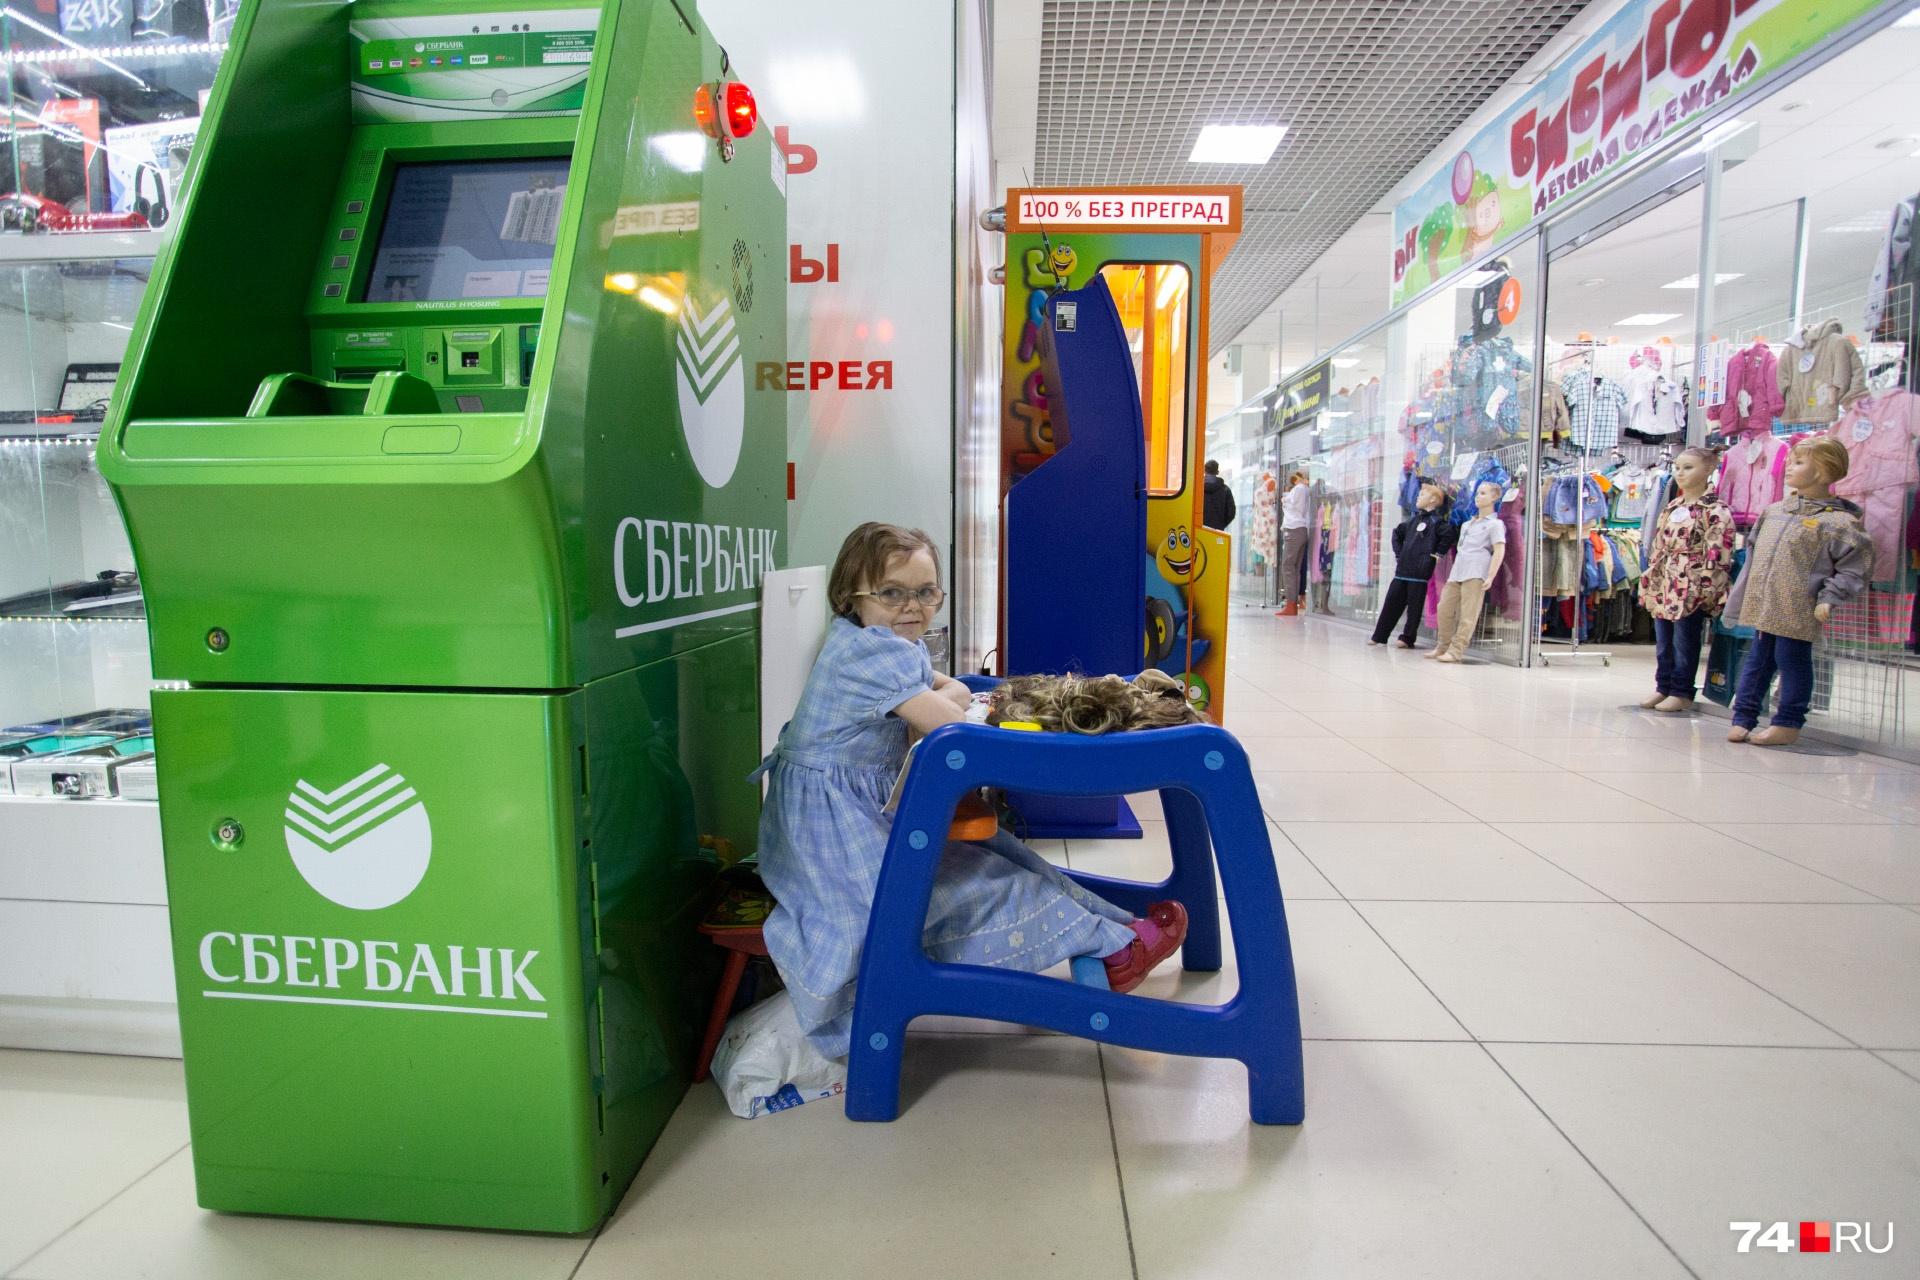 В одном из челябинских магазинов Зине бесплатно выделили место, чтобы она могла торговать самодельными куклами, фенечками, браслетами и вязаными носками